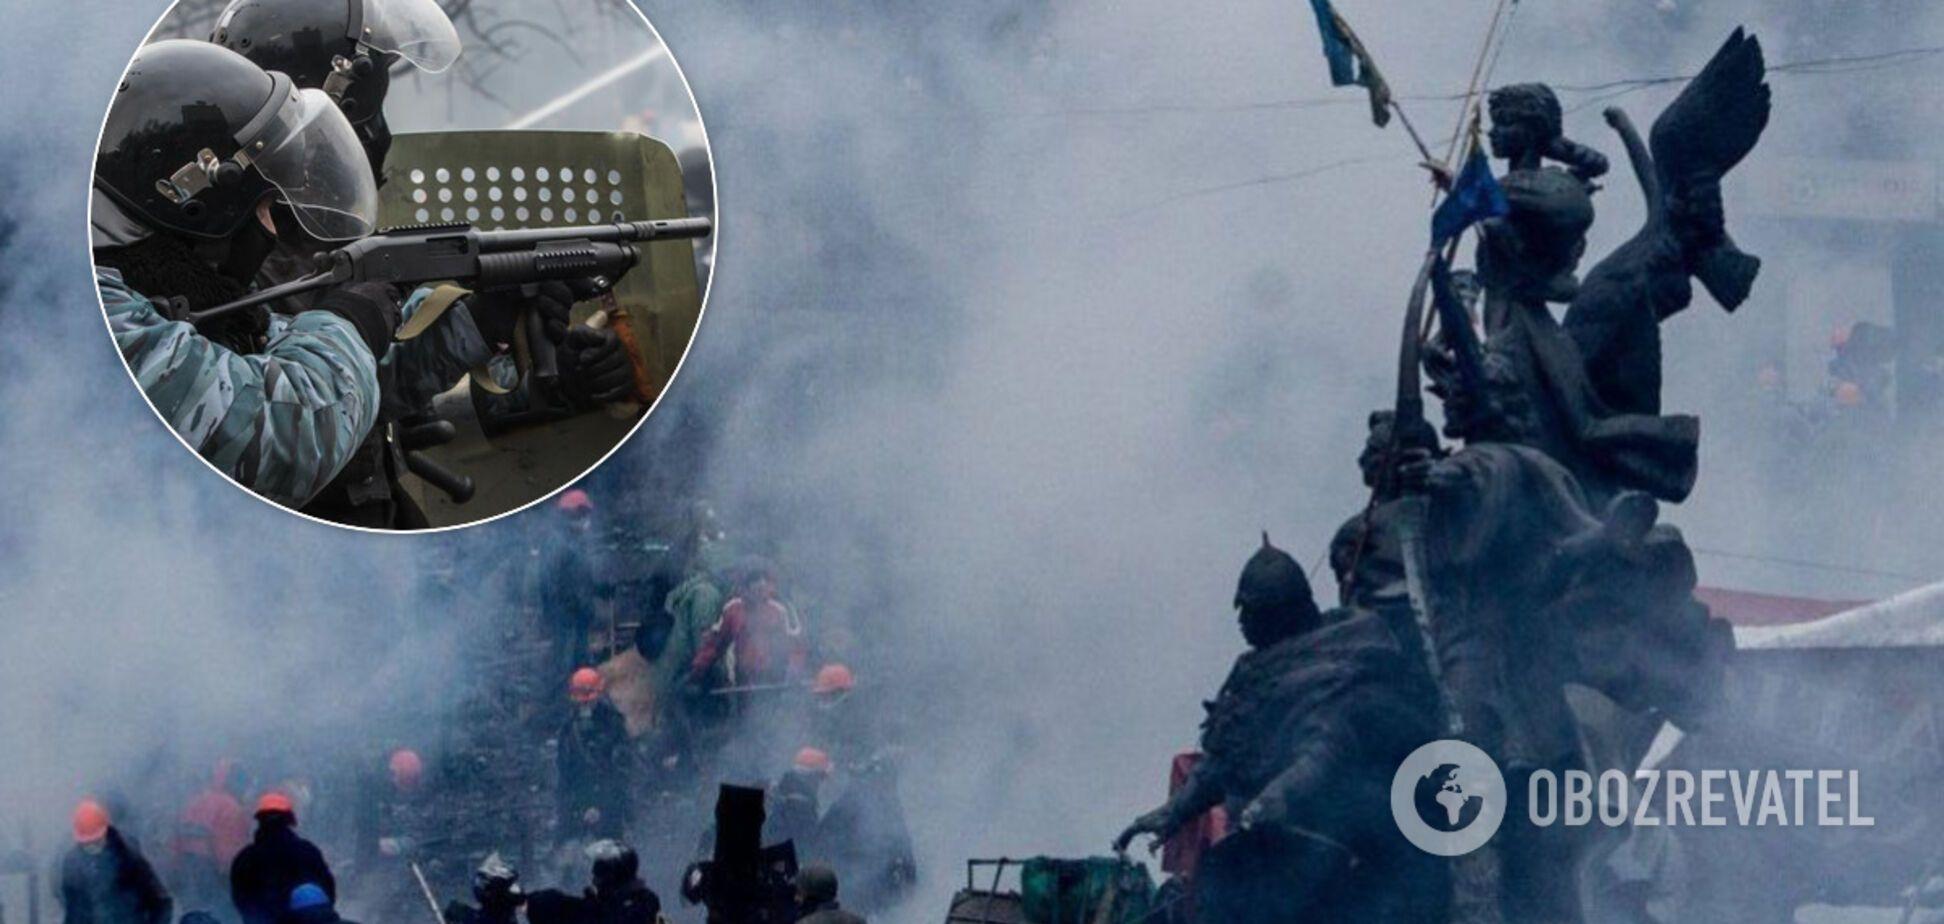 Друг погибшего Героя и мать срочника рассказали трагические истории Майдана